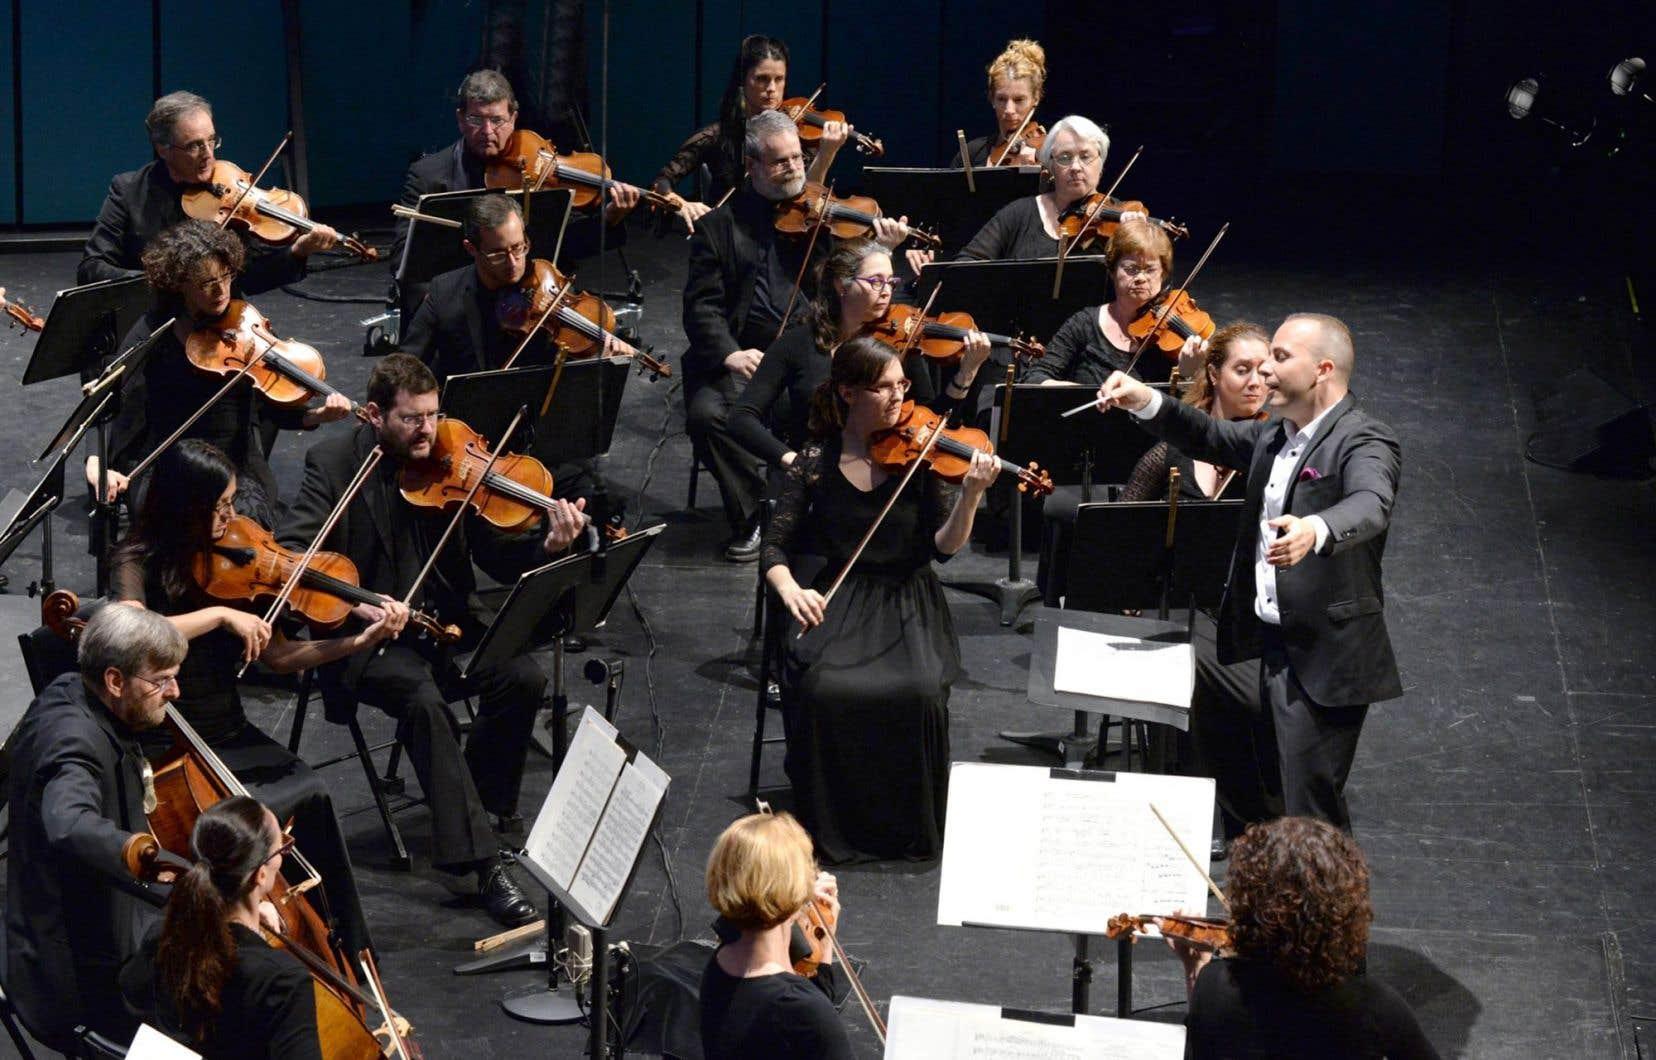 L'Orchestre métropolitain fait partie du groupuscule.